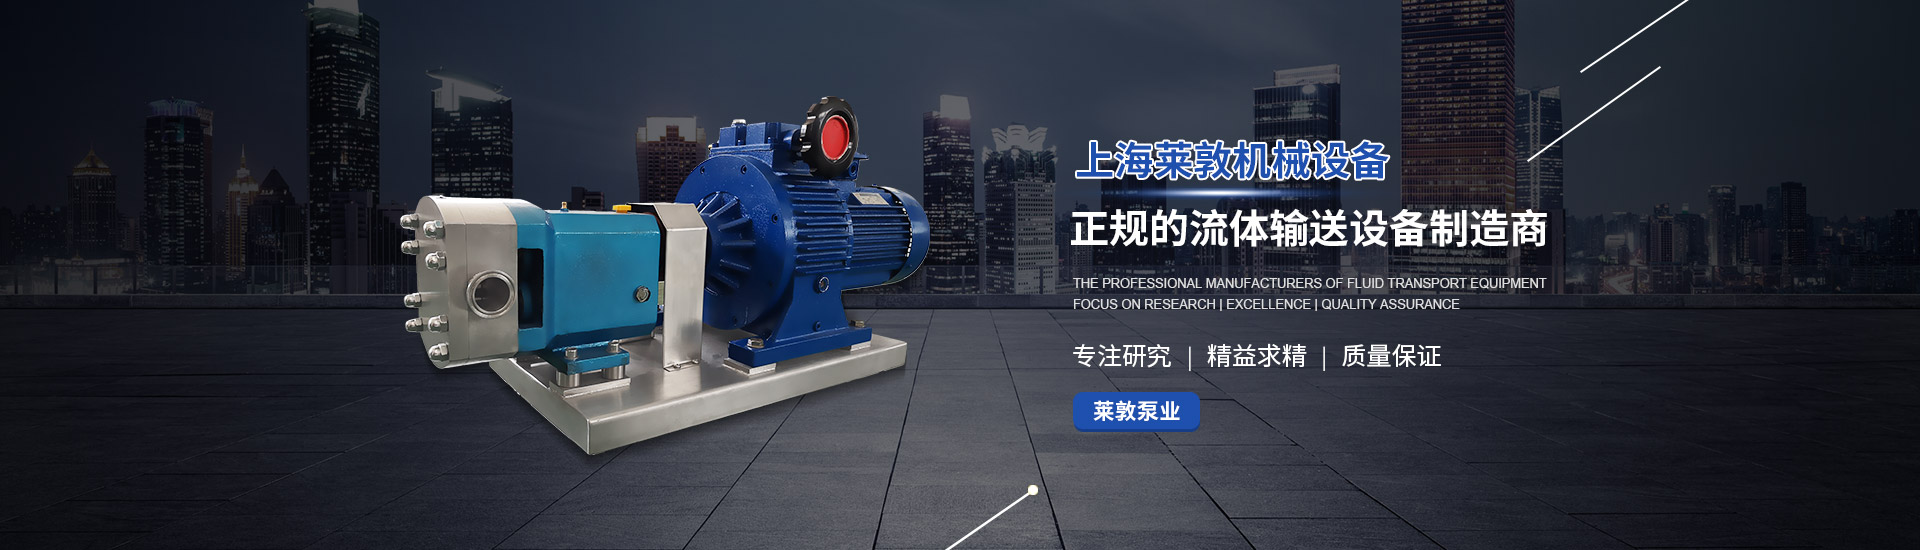 上海莱敦机械设备